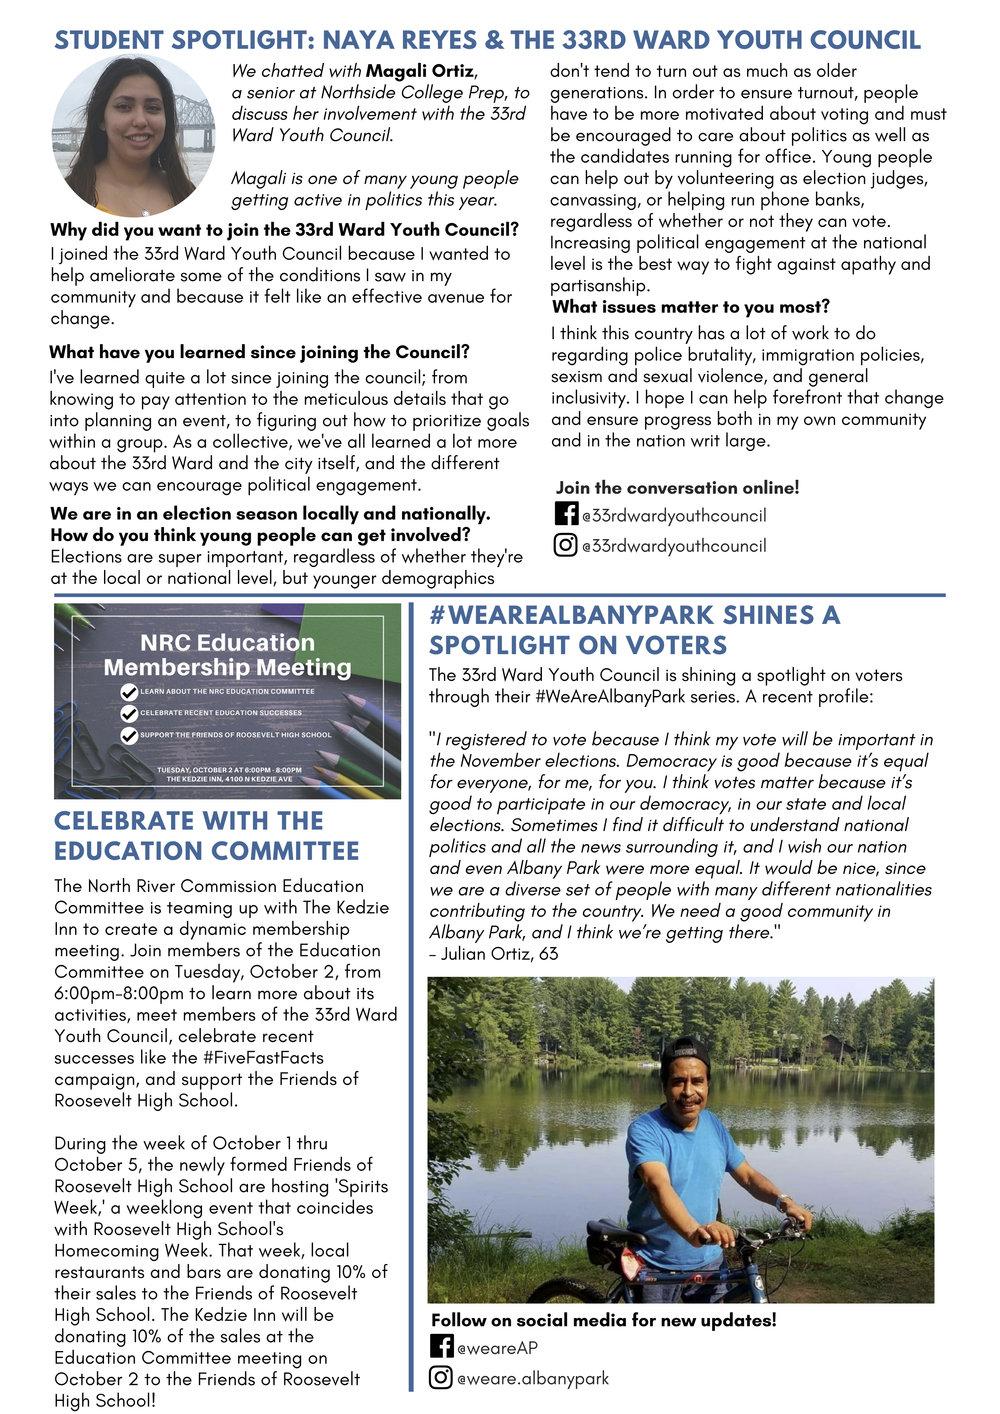 NRC Education Newsletter - Sept 2018 pg 2.jpg